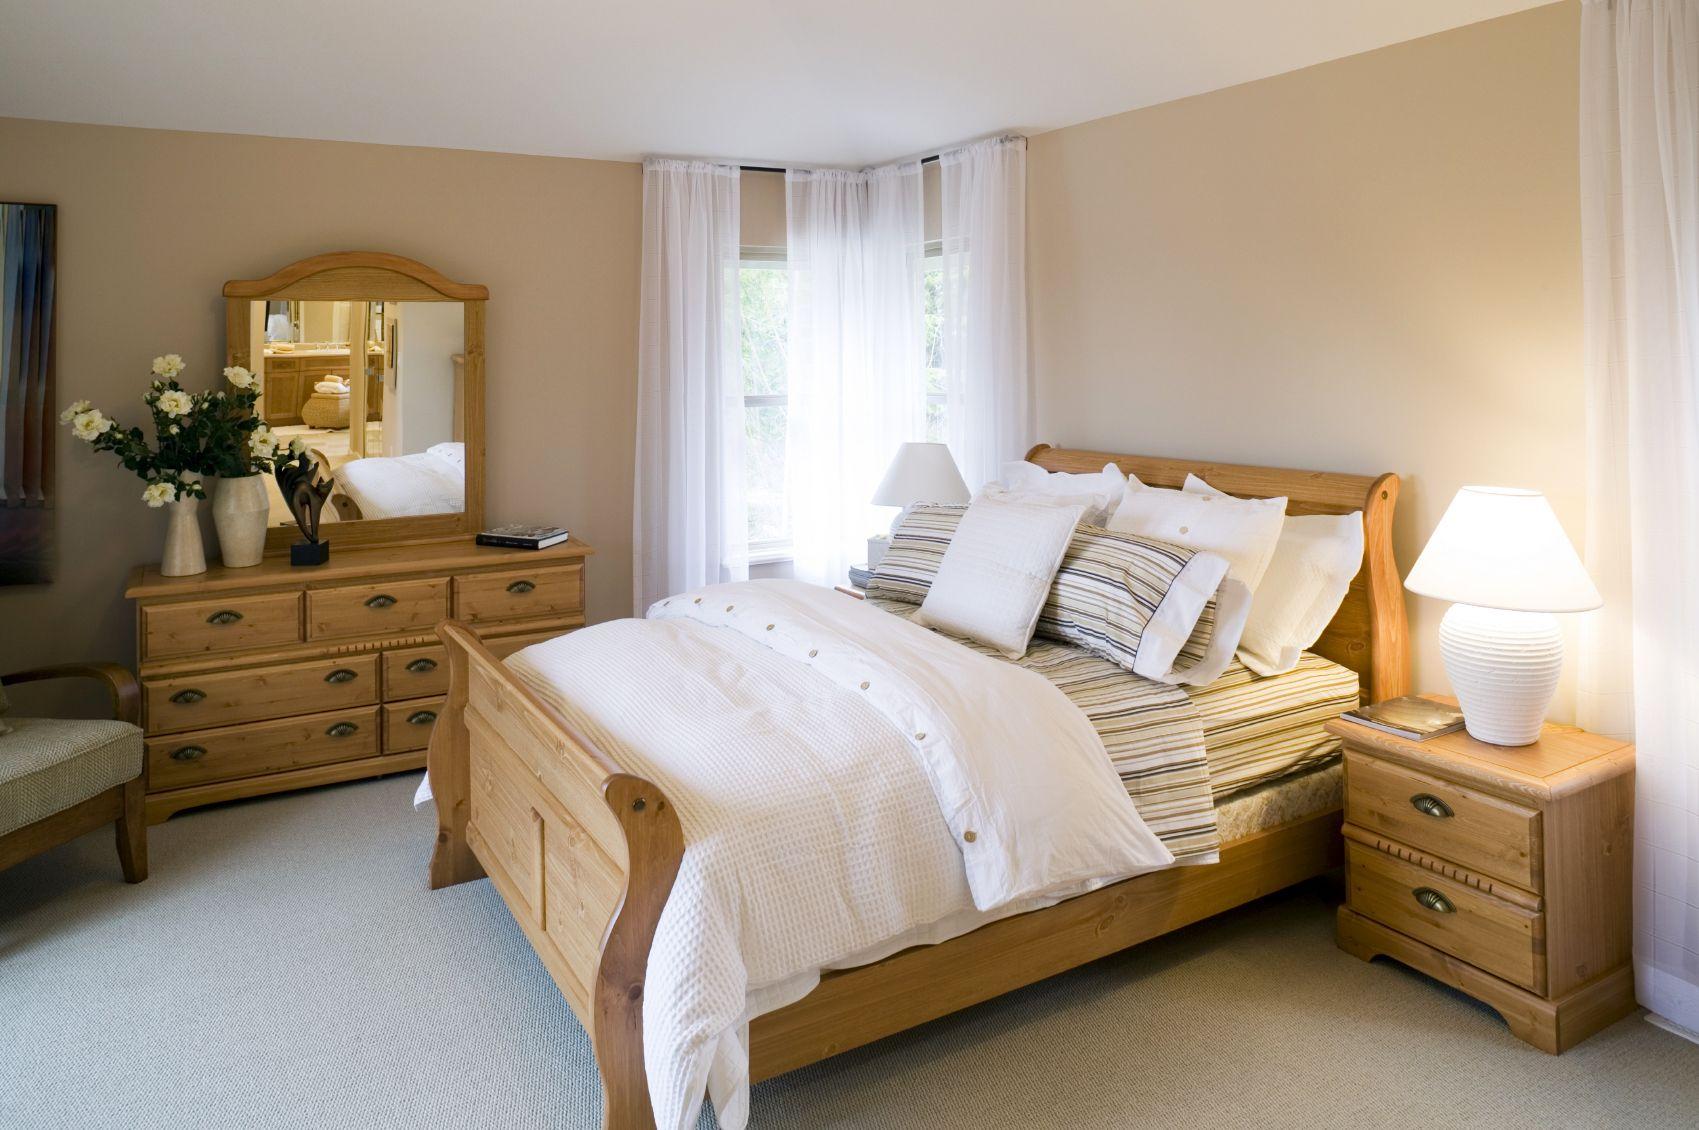 Fruitwood Feng shui bedroom, Wholesale furniture, Sleep